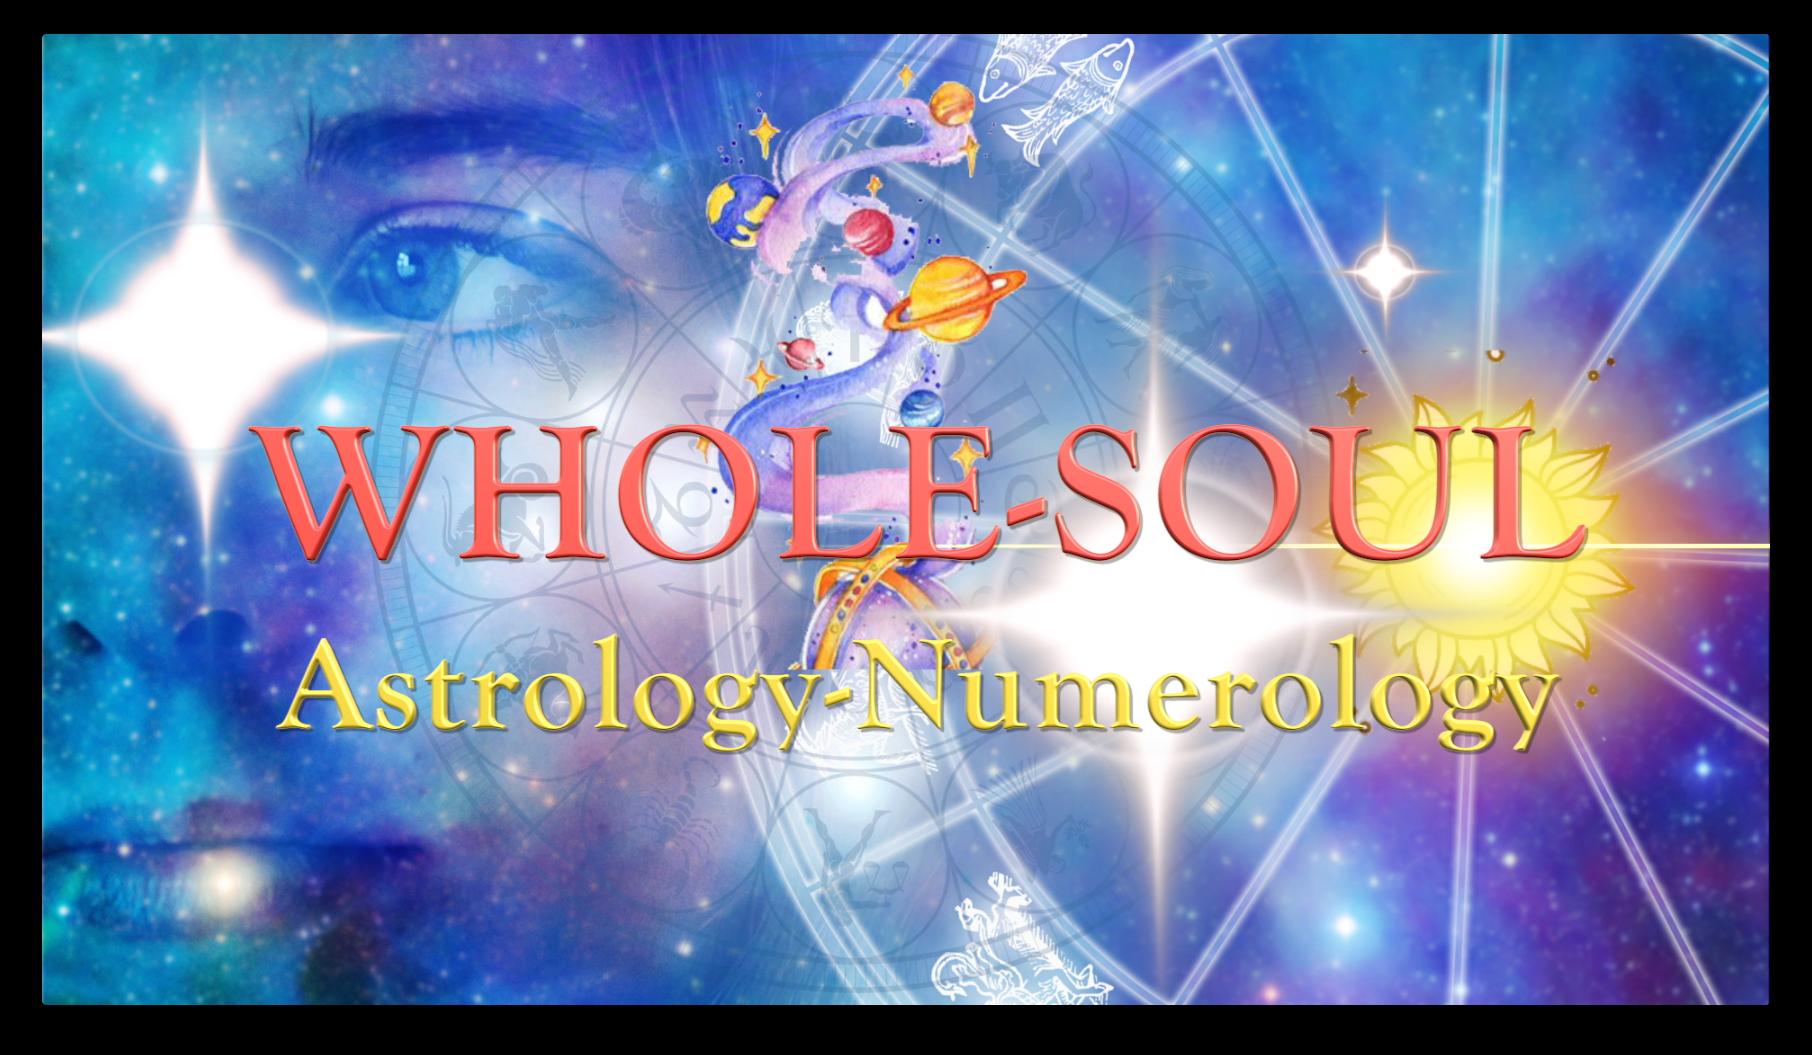 Astro-Numerology